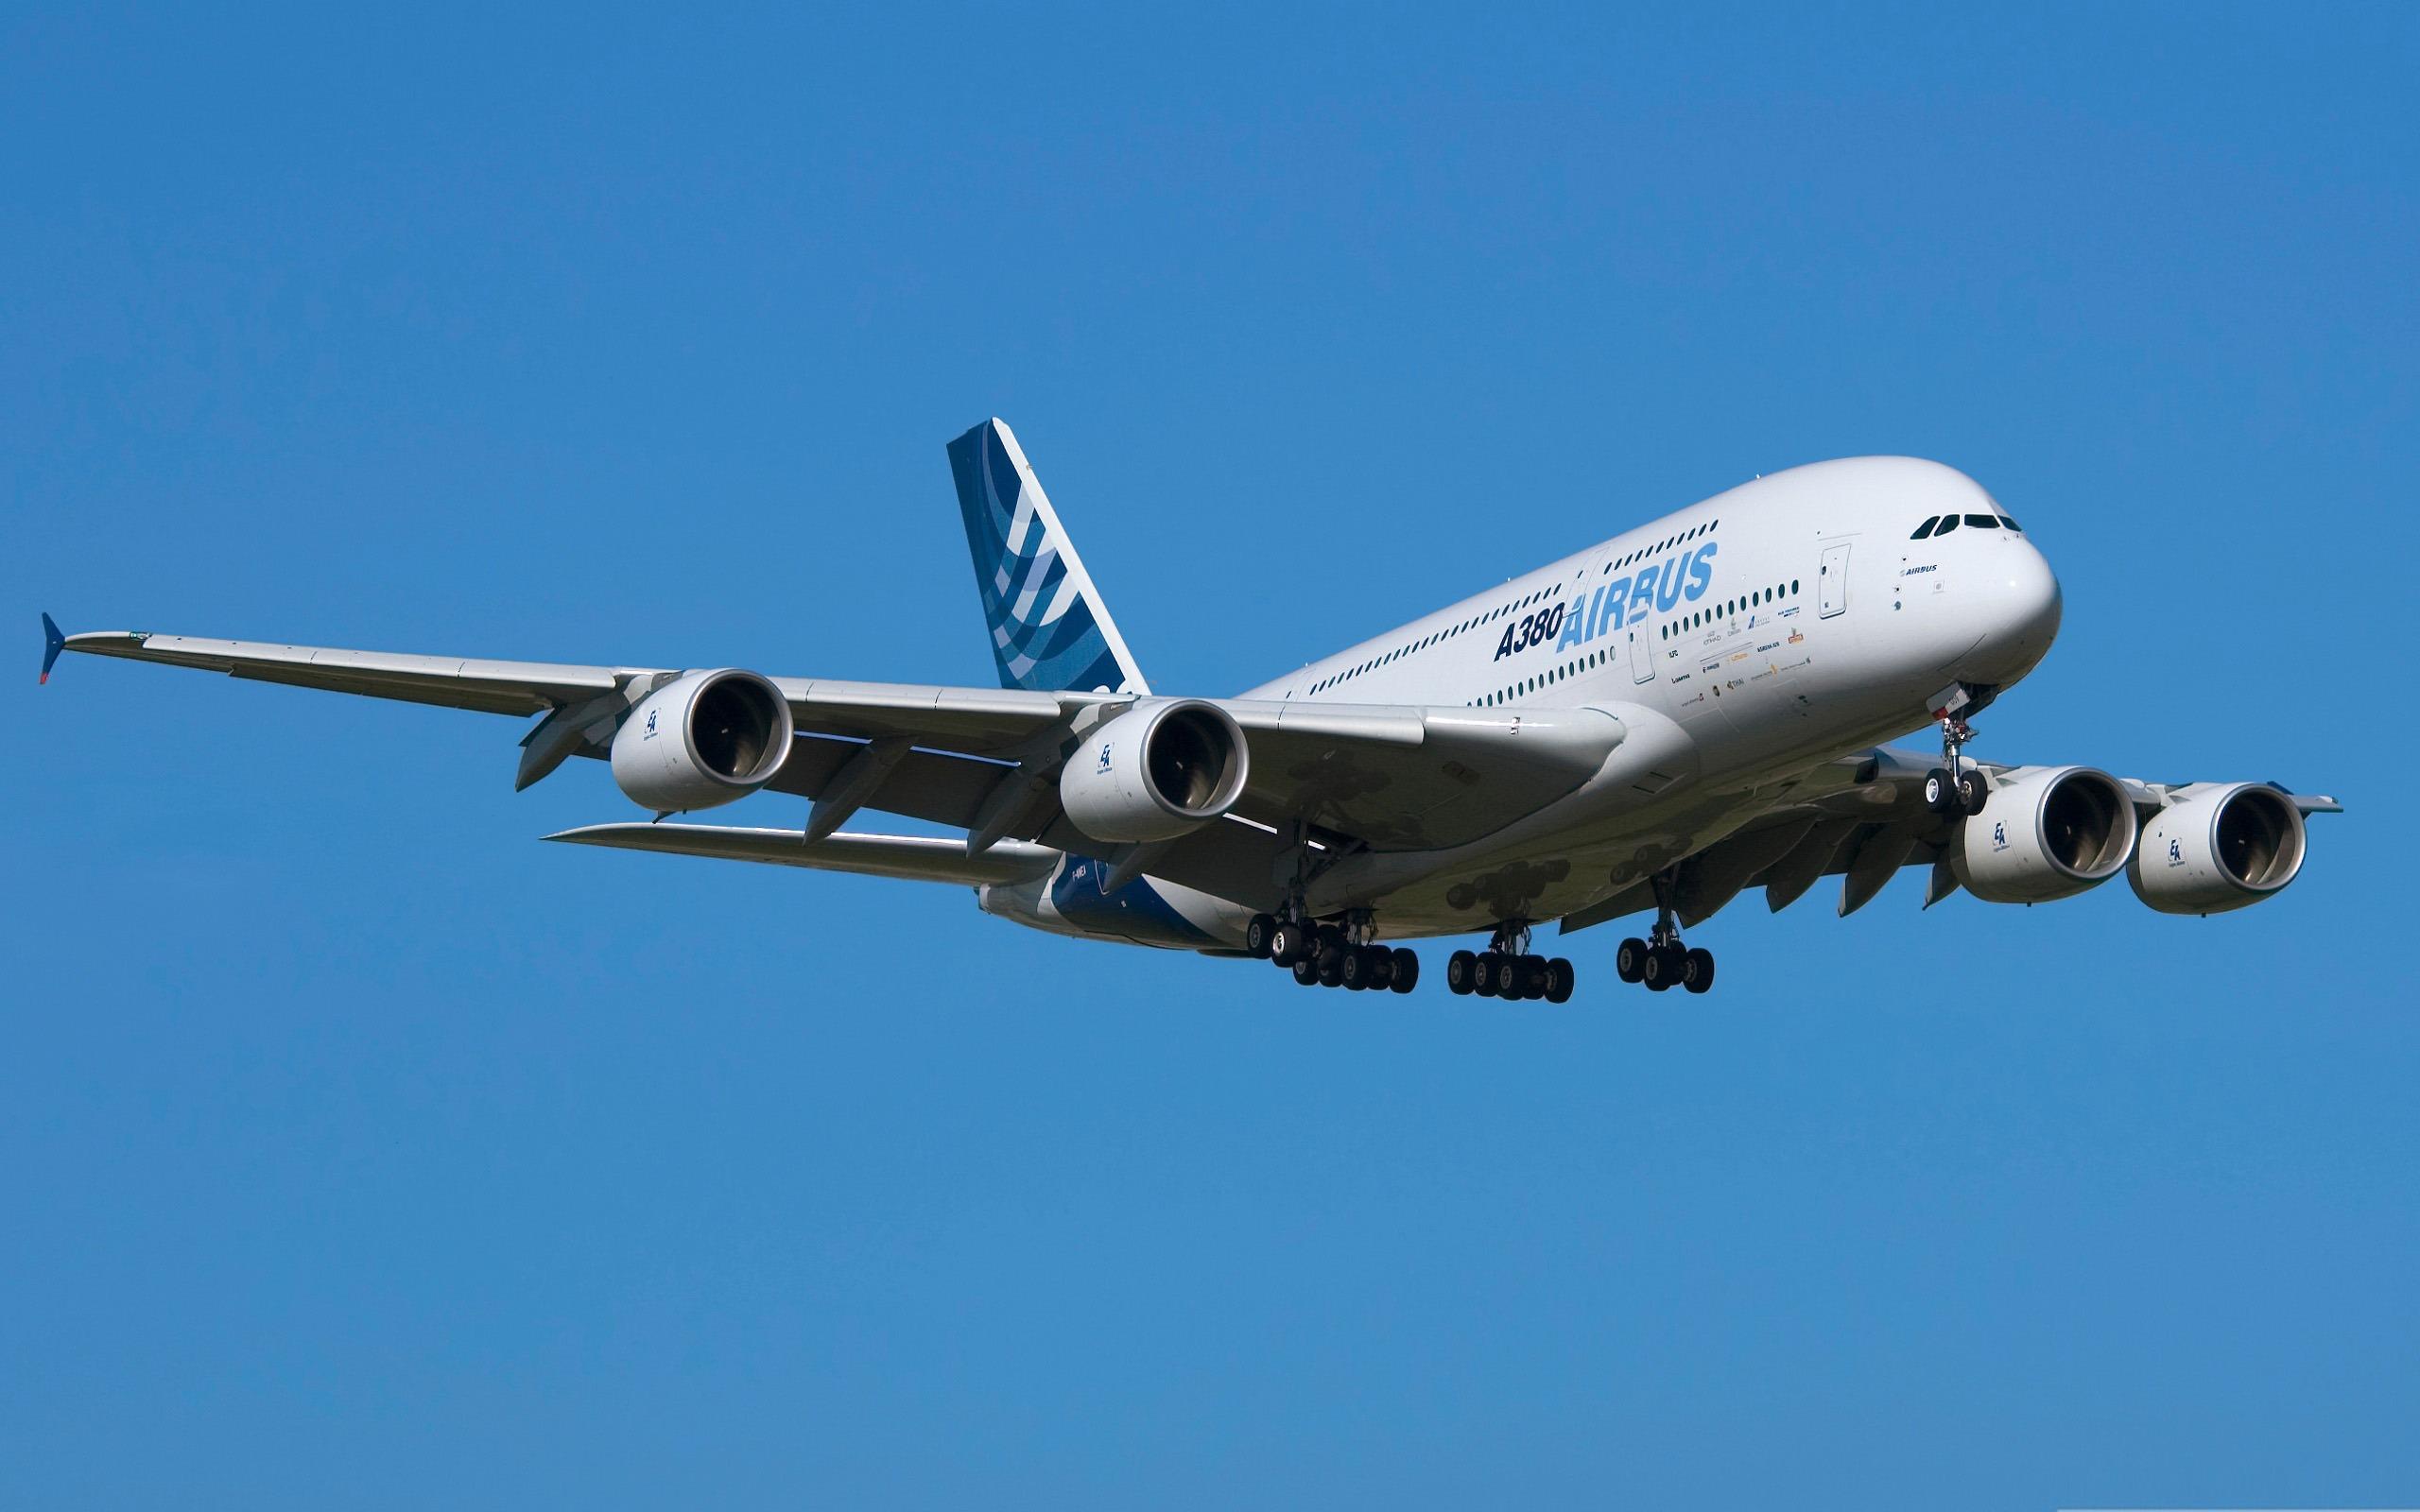 2014年日历壁纸_空中客车A380-民航航空飞机桌面壁纸预览 | 10wallpaper.com